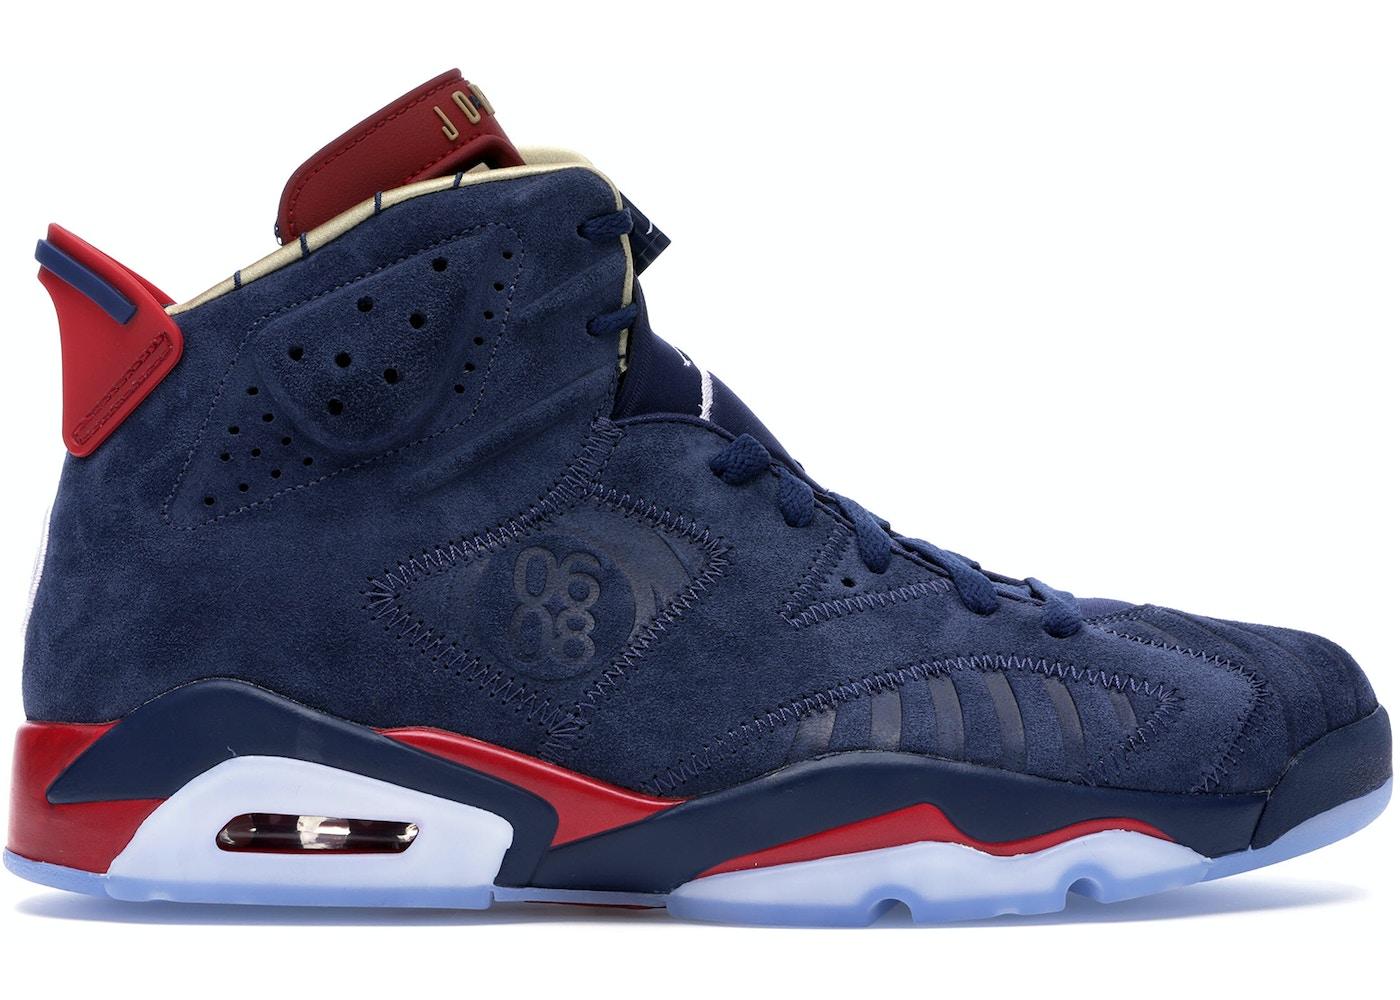 8627af7003d Buy Air Jordan 6 Shoes & Deadstock Sneakers